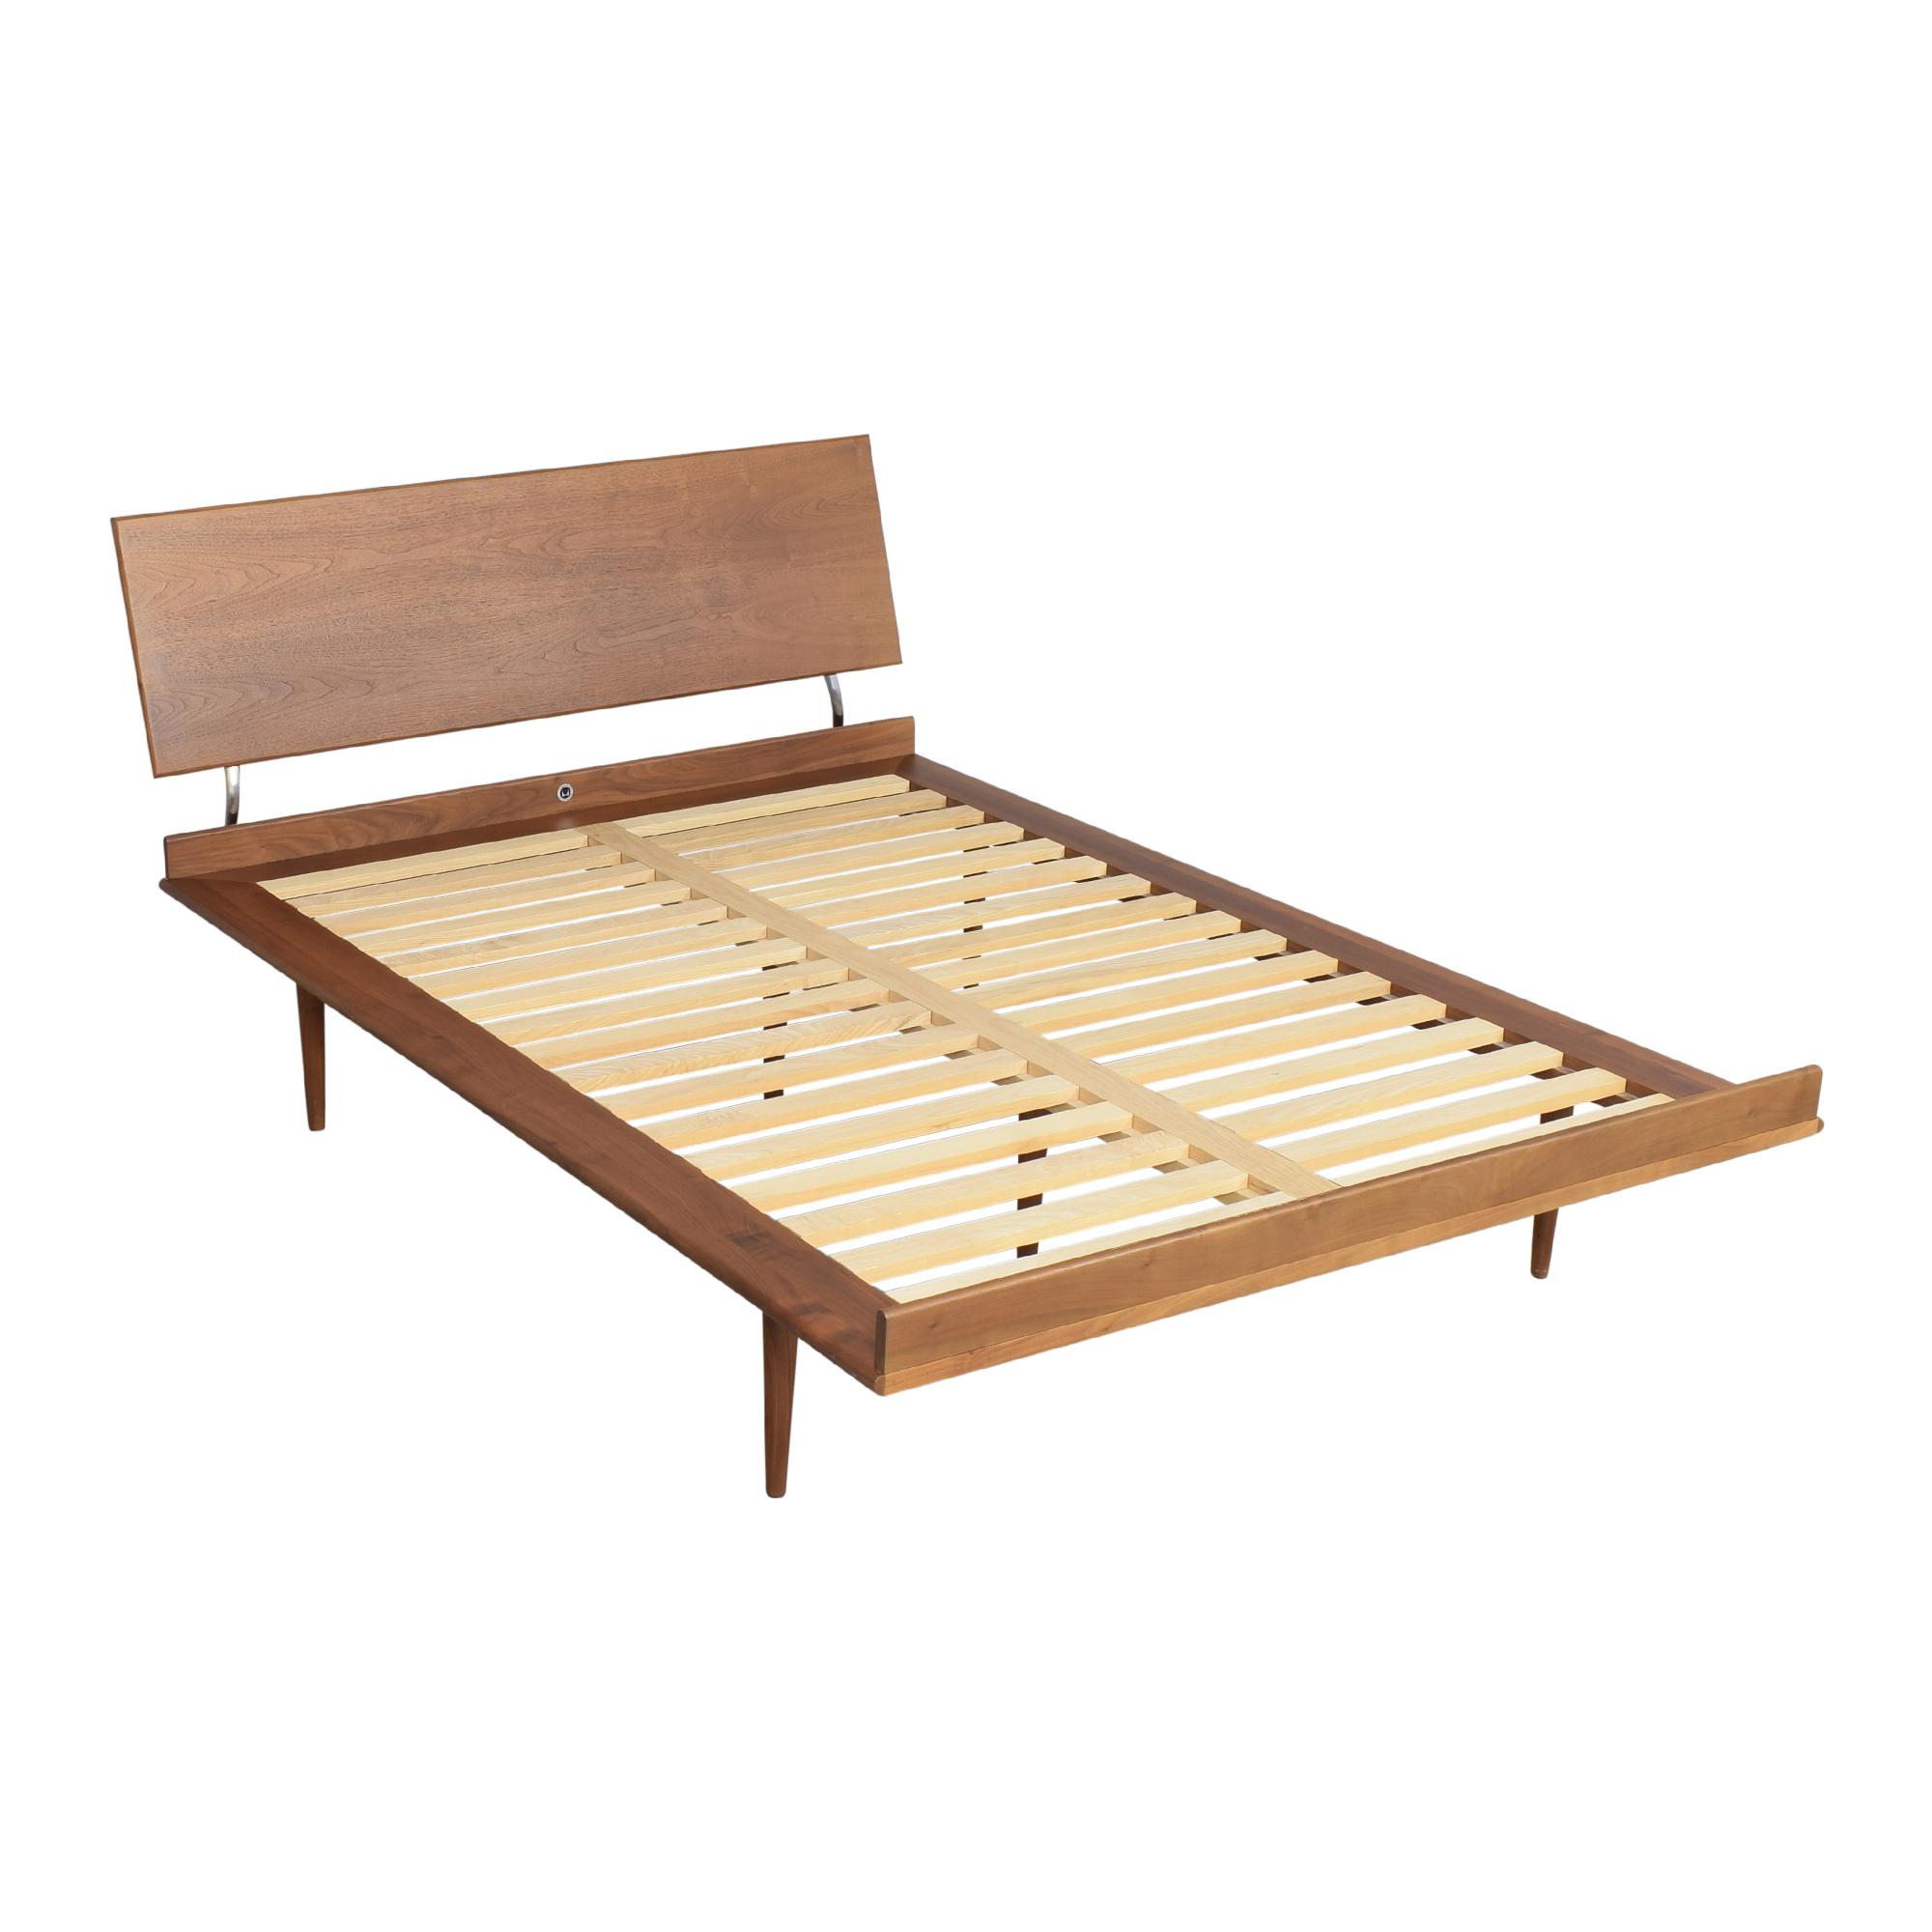 George Nelson Thin Edge Full Bed Herman Miller